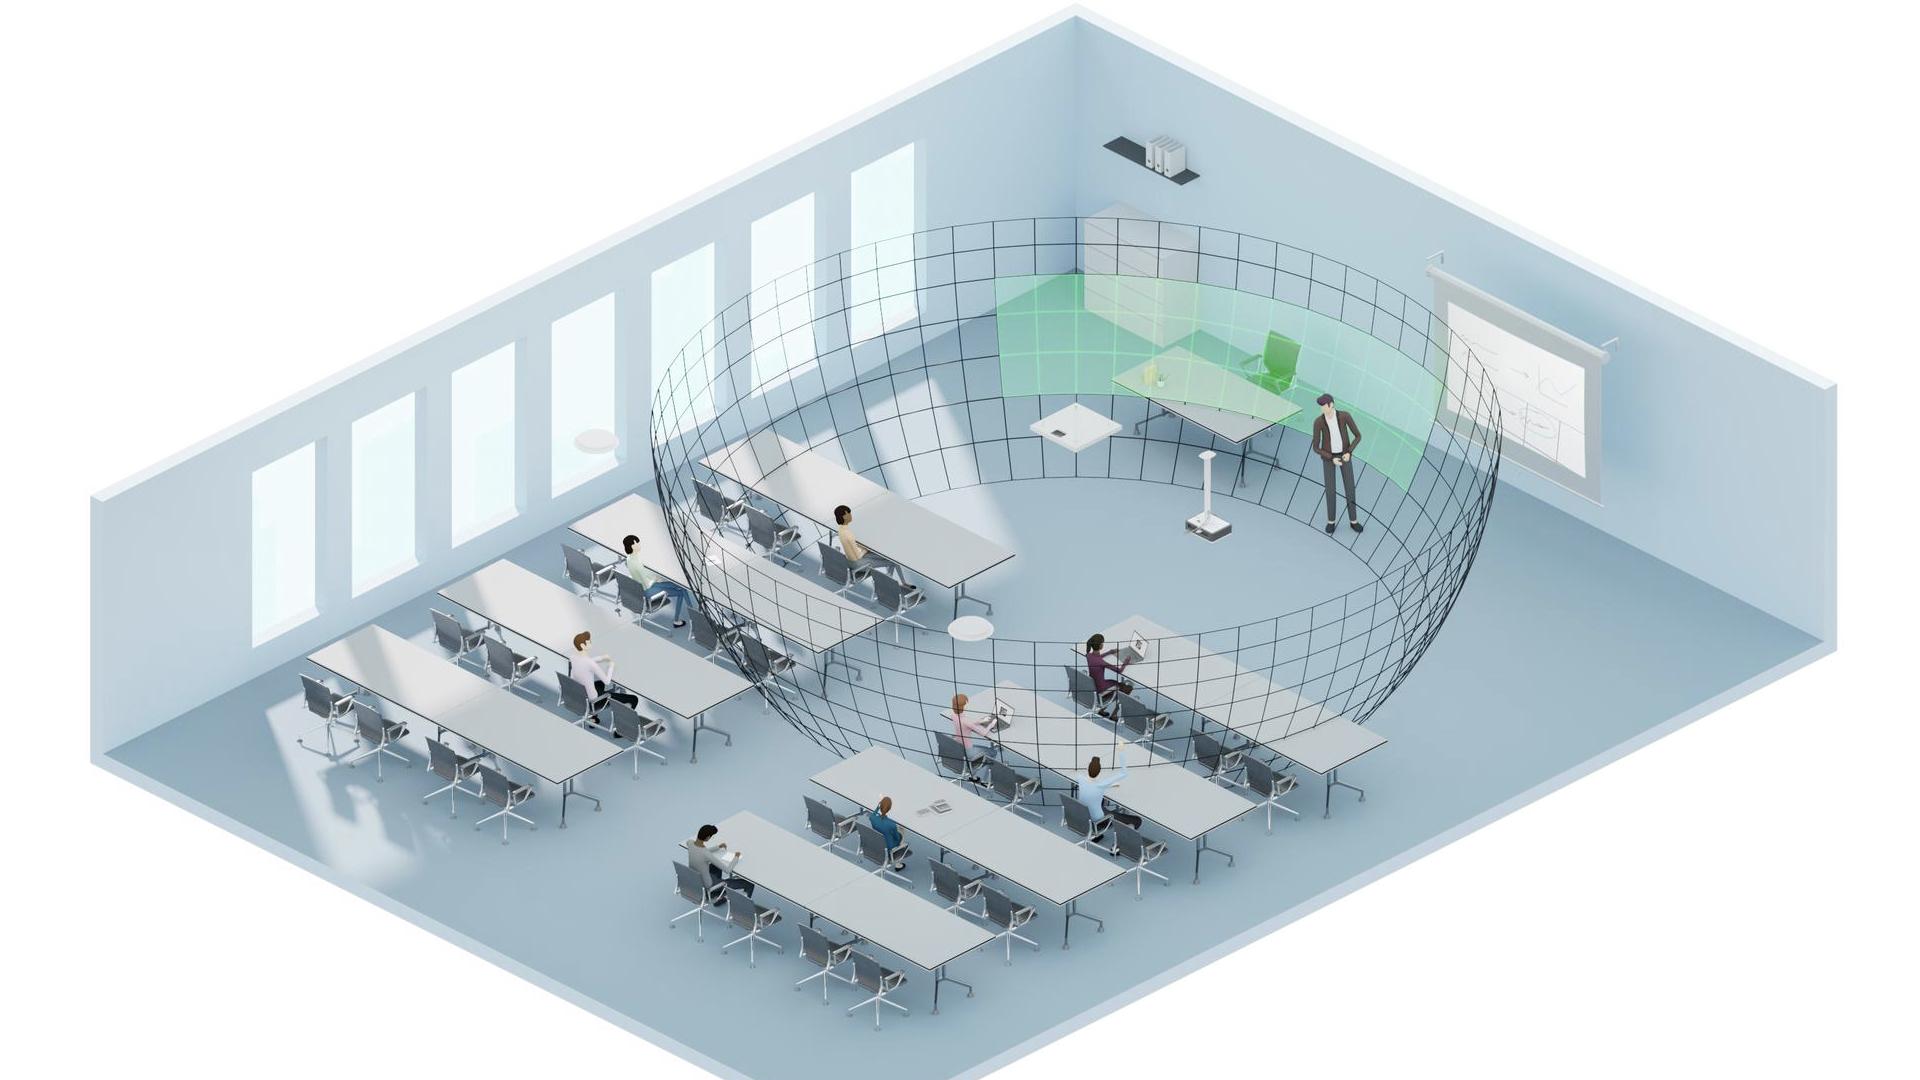 L'appli gratuite Sennheiser Control Cockpit permet de définir des zones prioritaires d'amplification vocale pour focaliser la captation sur le locuteur (vert = zone prioritaire sélectionnée) © DR